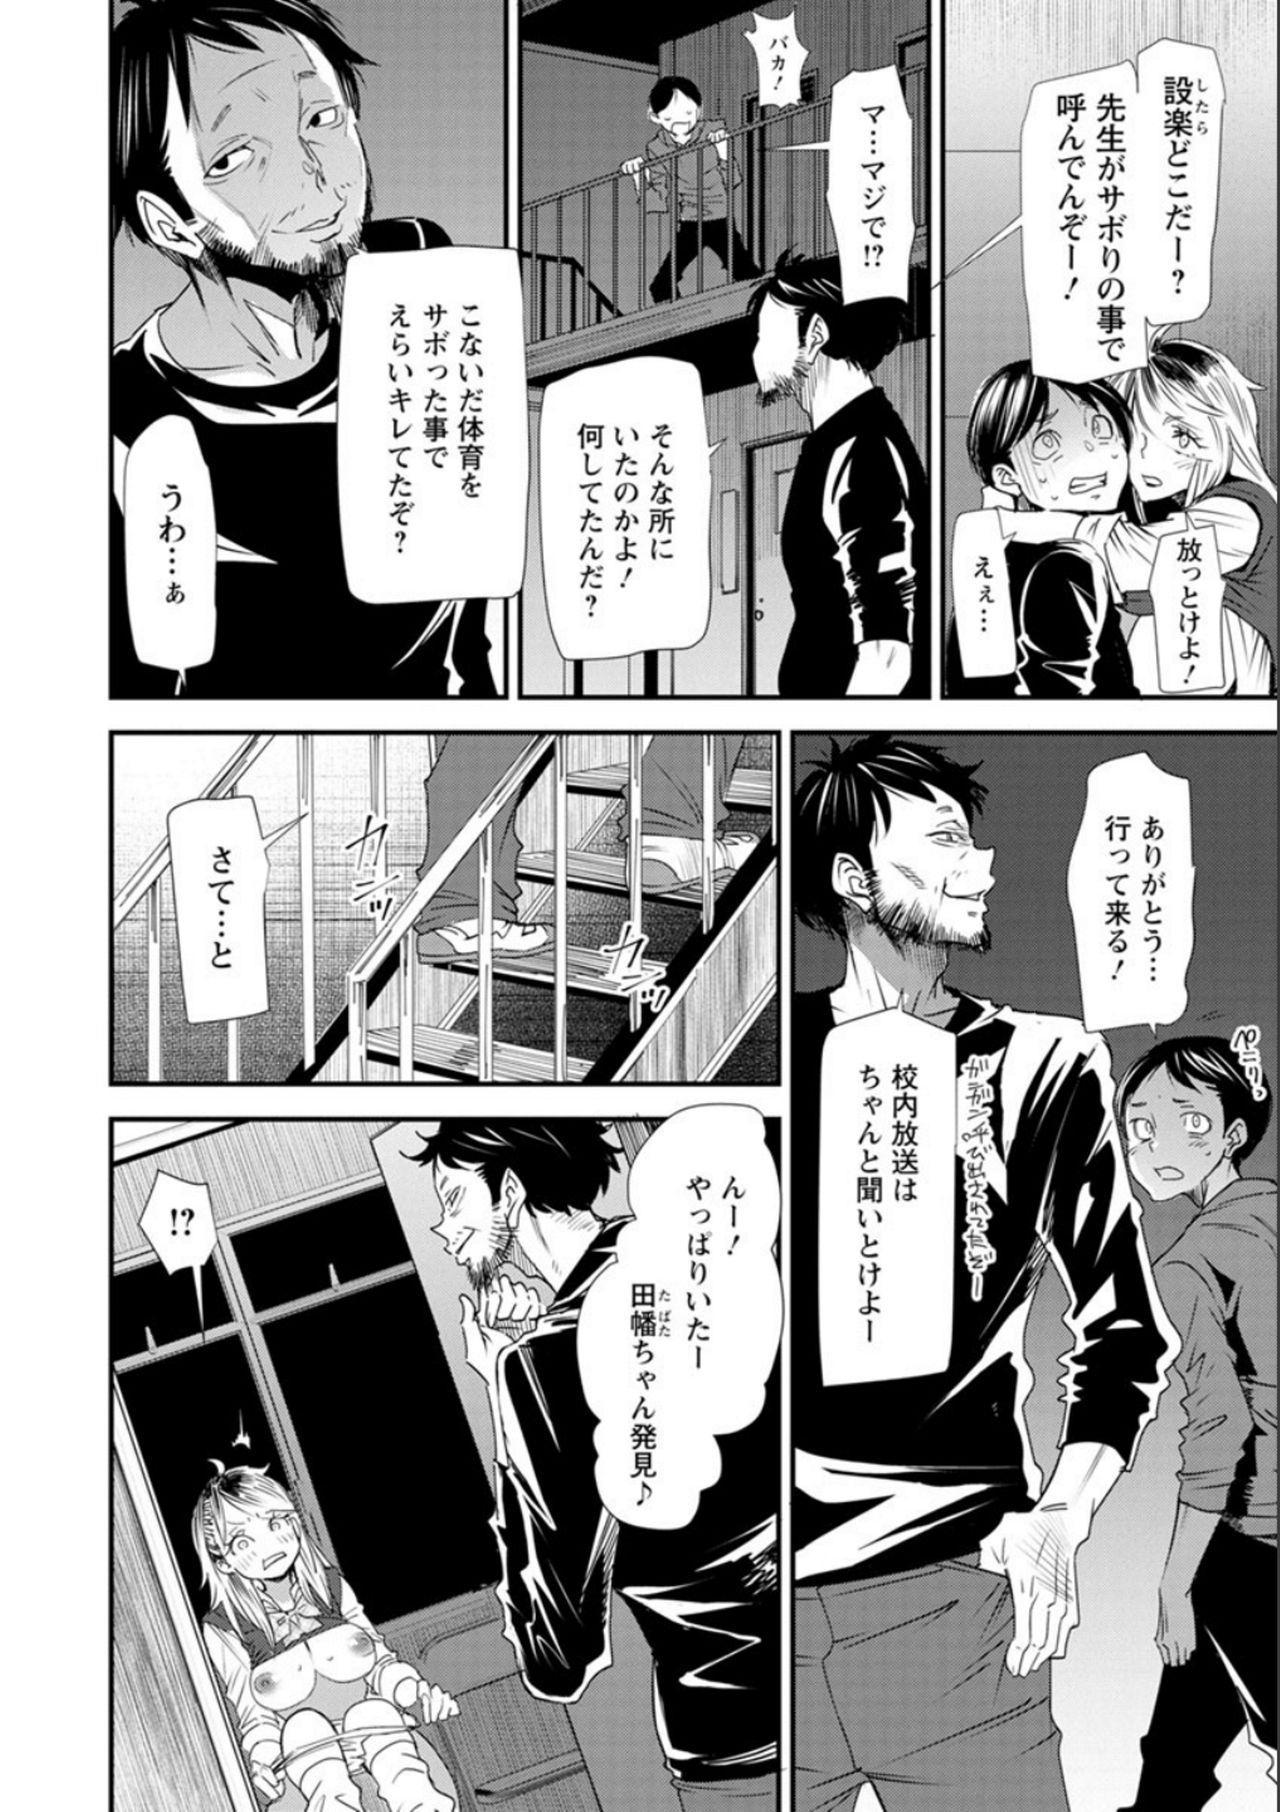 Nao's Secret 53